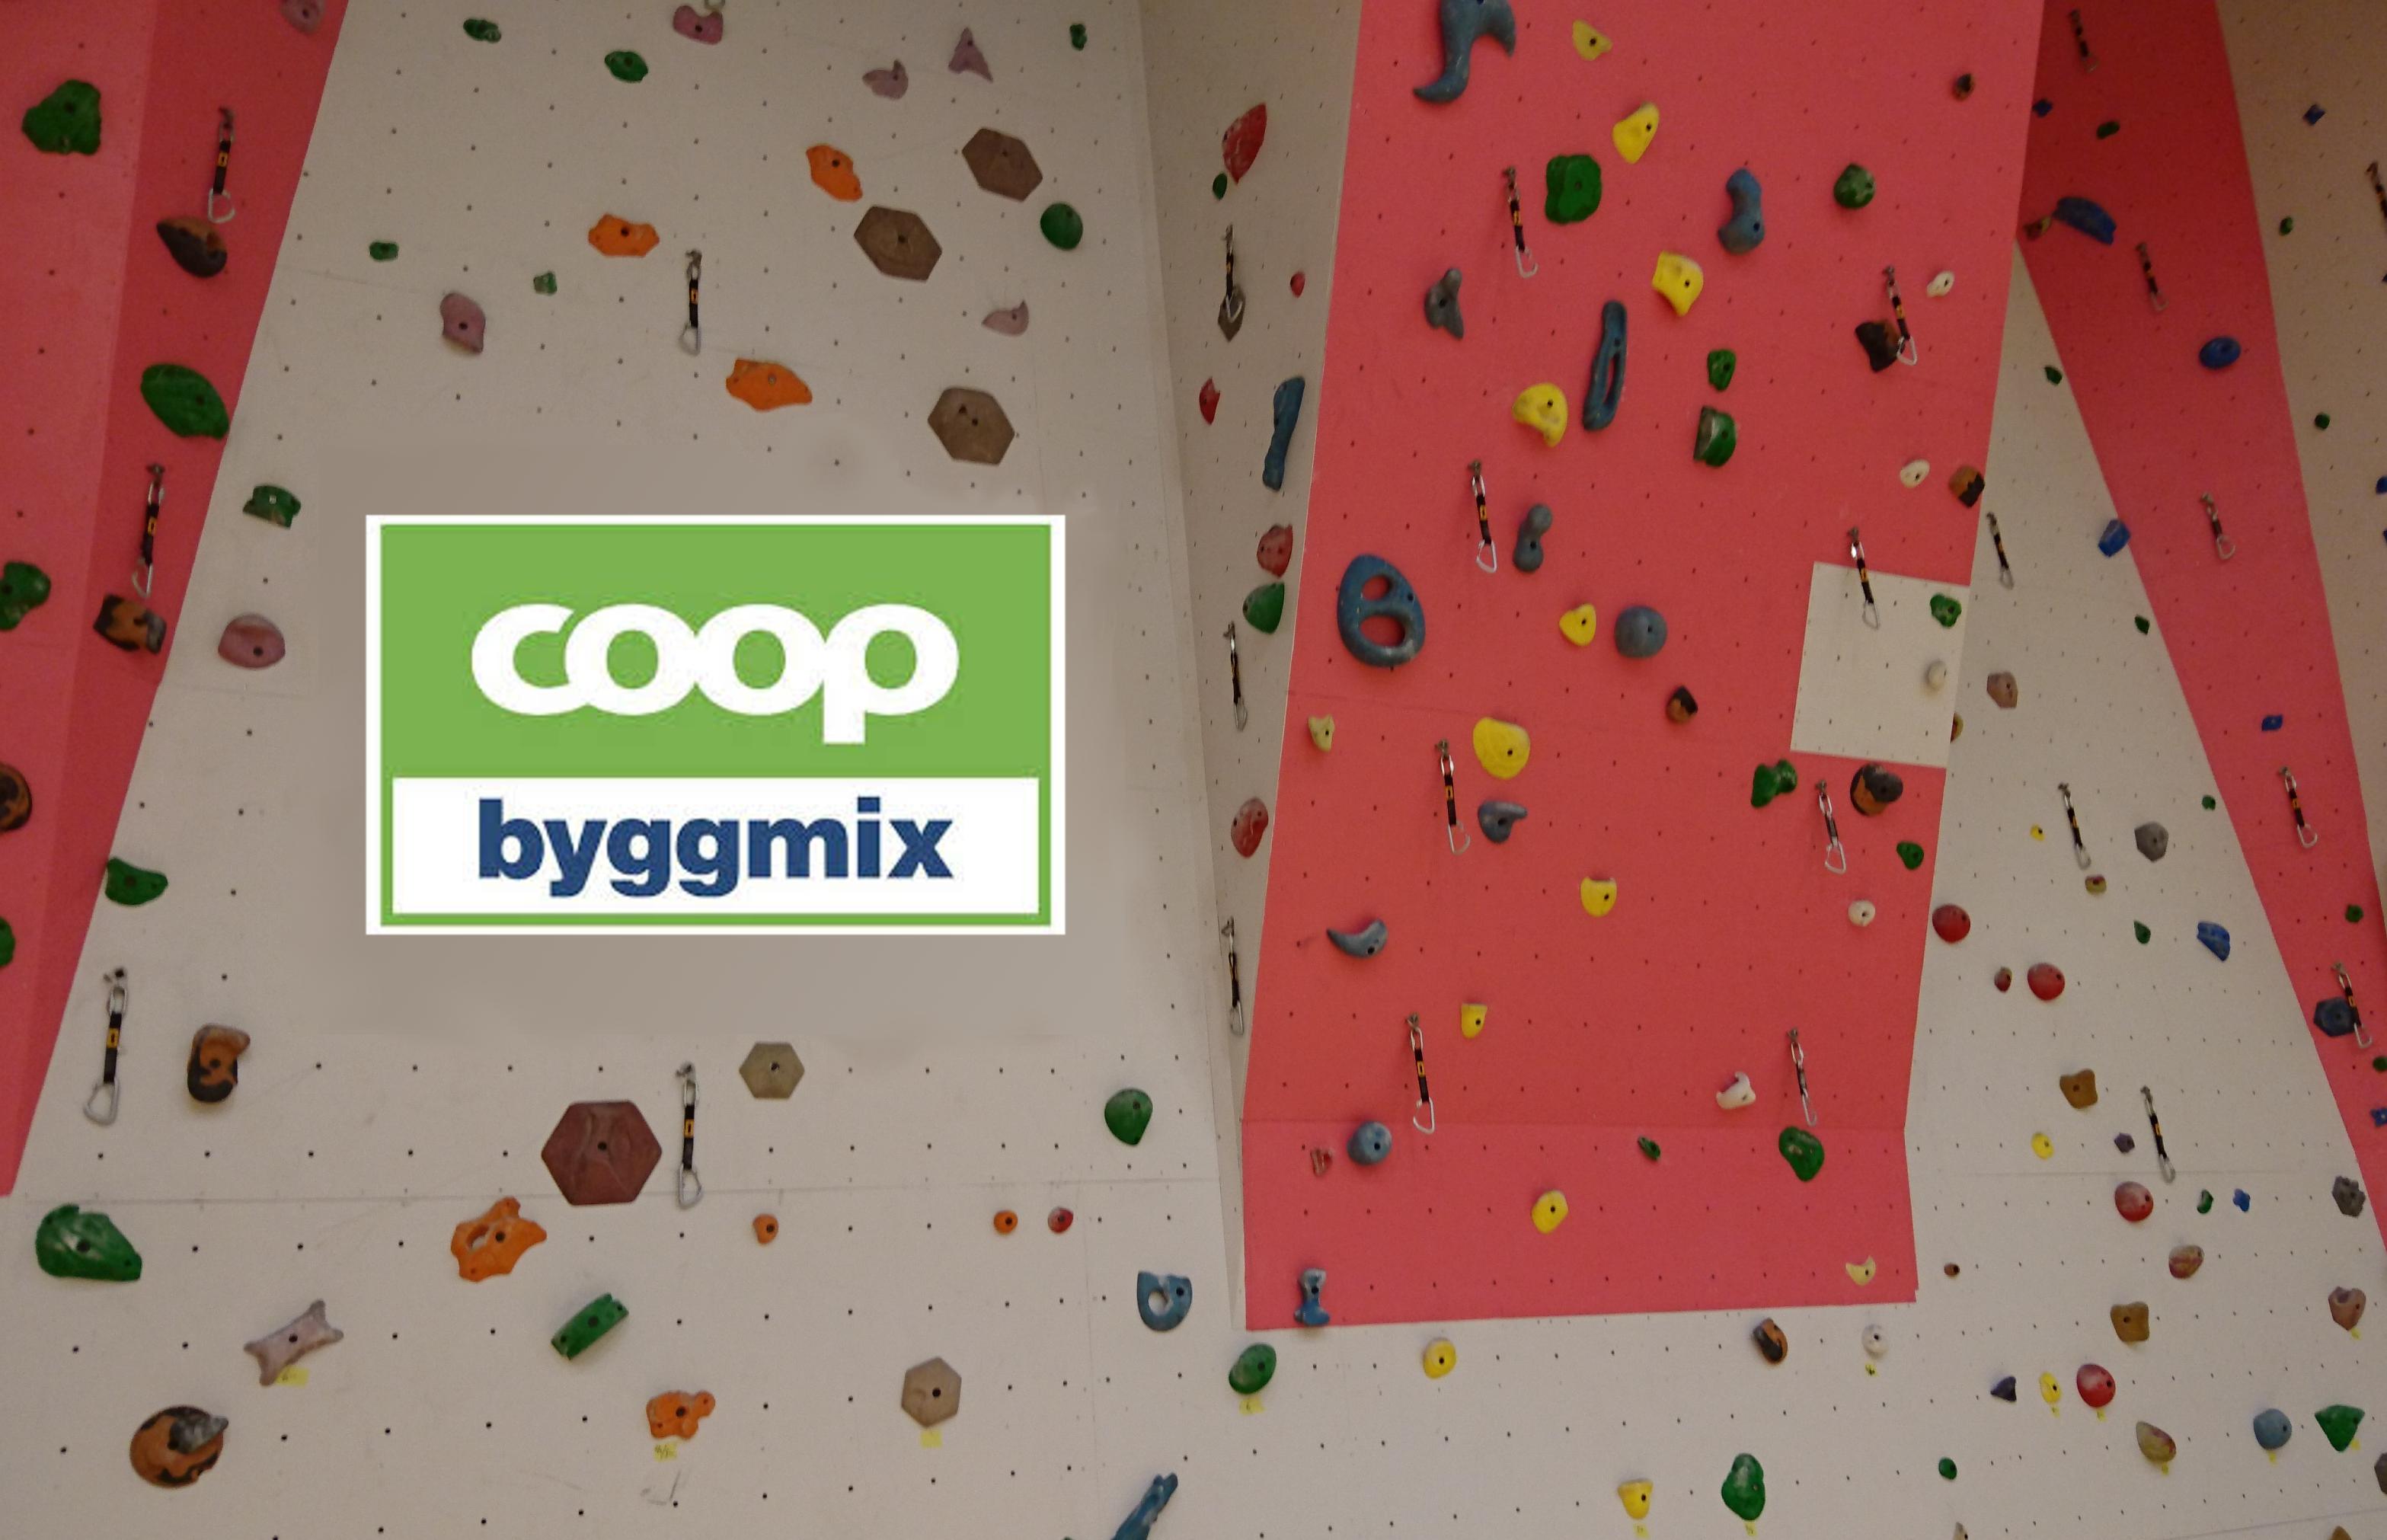 coop_byggmix